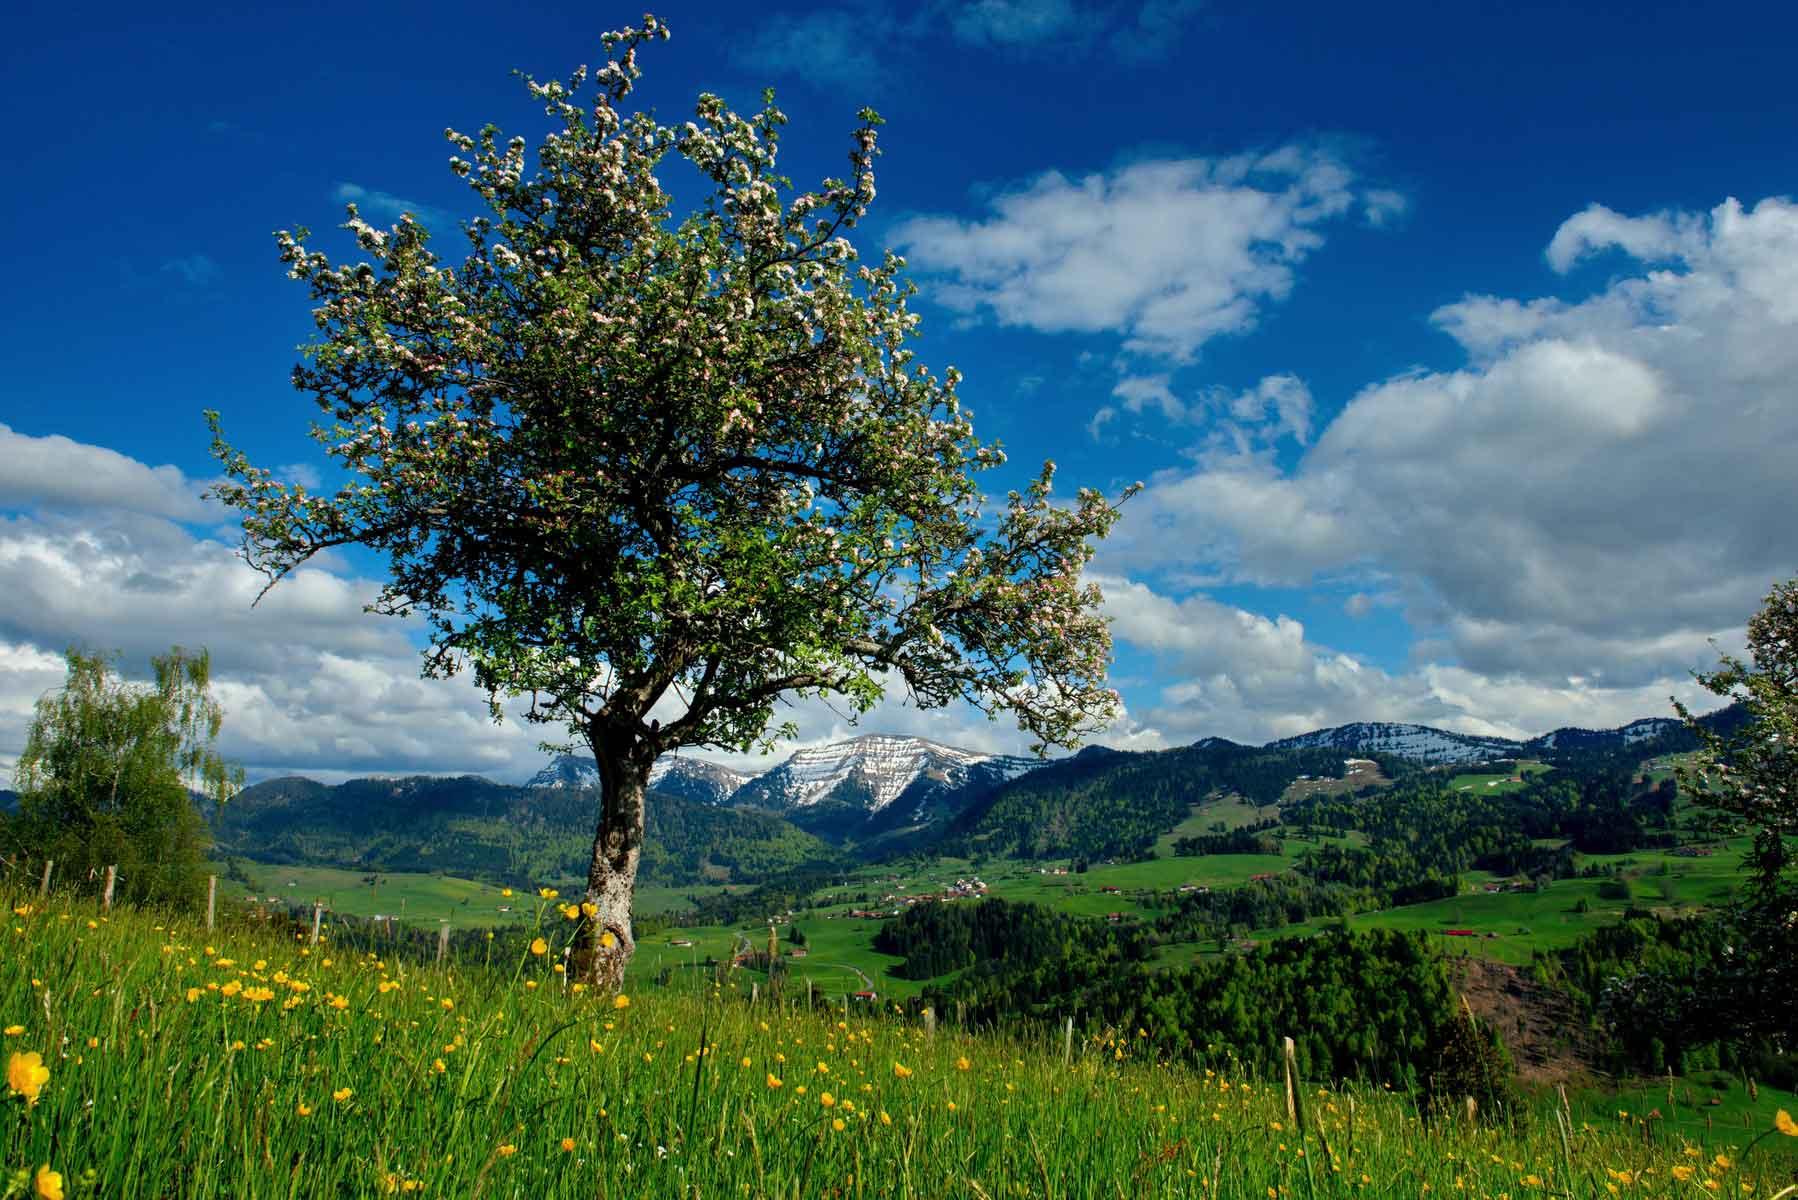 Frühling in Oberstaufen mit dem Hochgrat im Hintergrund © Oberstaufen Tourismus